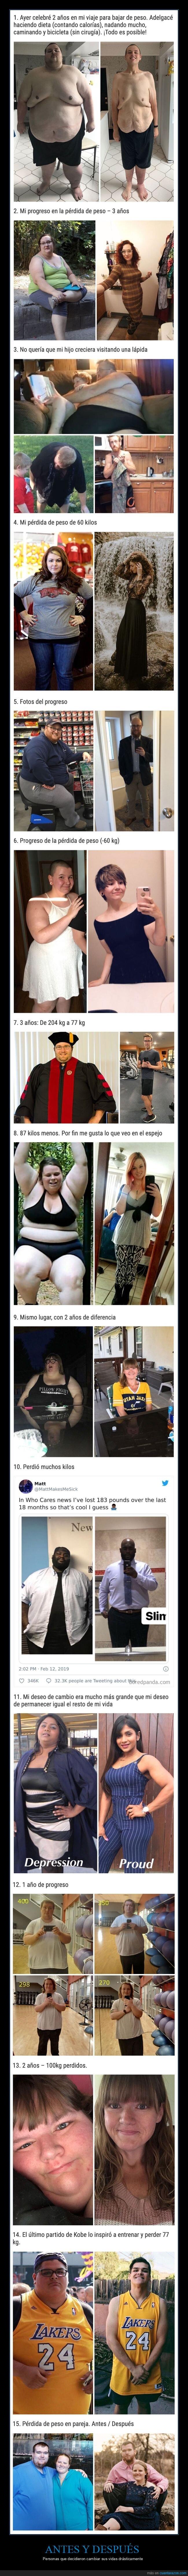 adelgazar,antes,cambios,después,peso